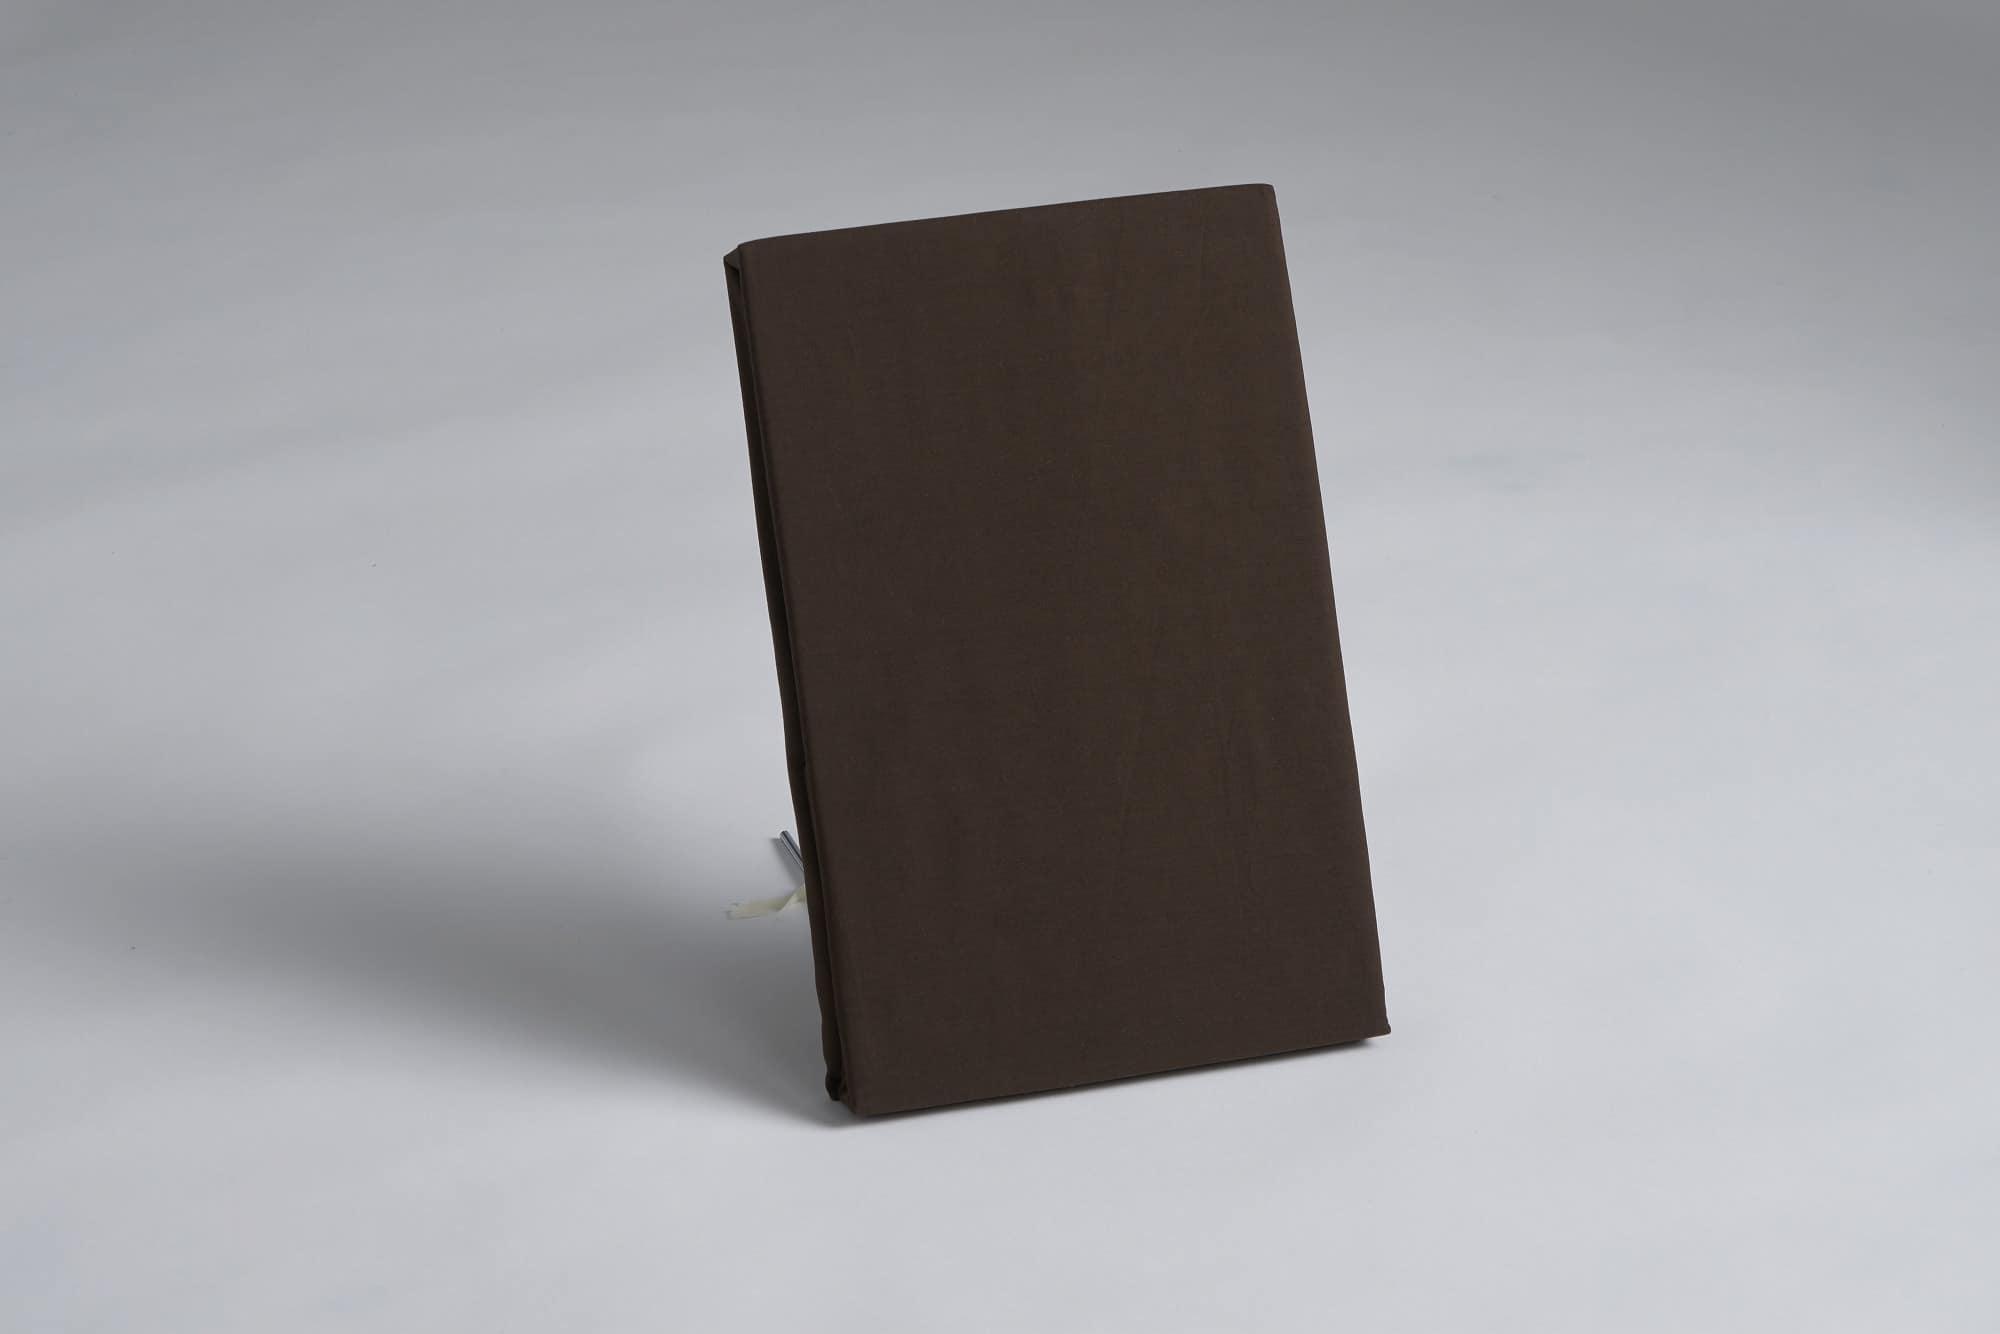 ボックスシーツ セミダブル用 45H ブラウン